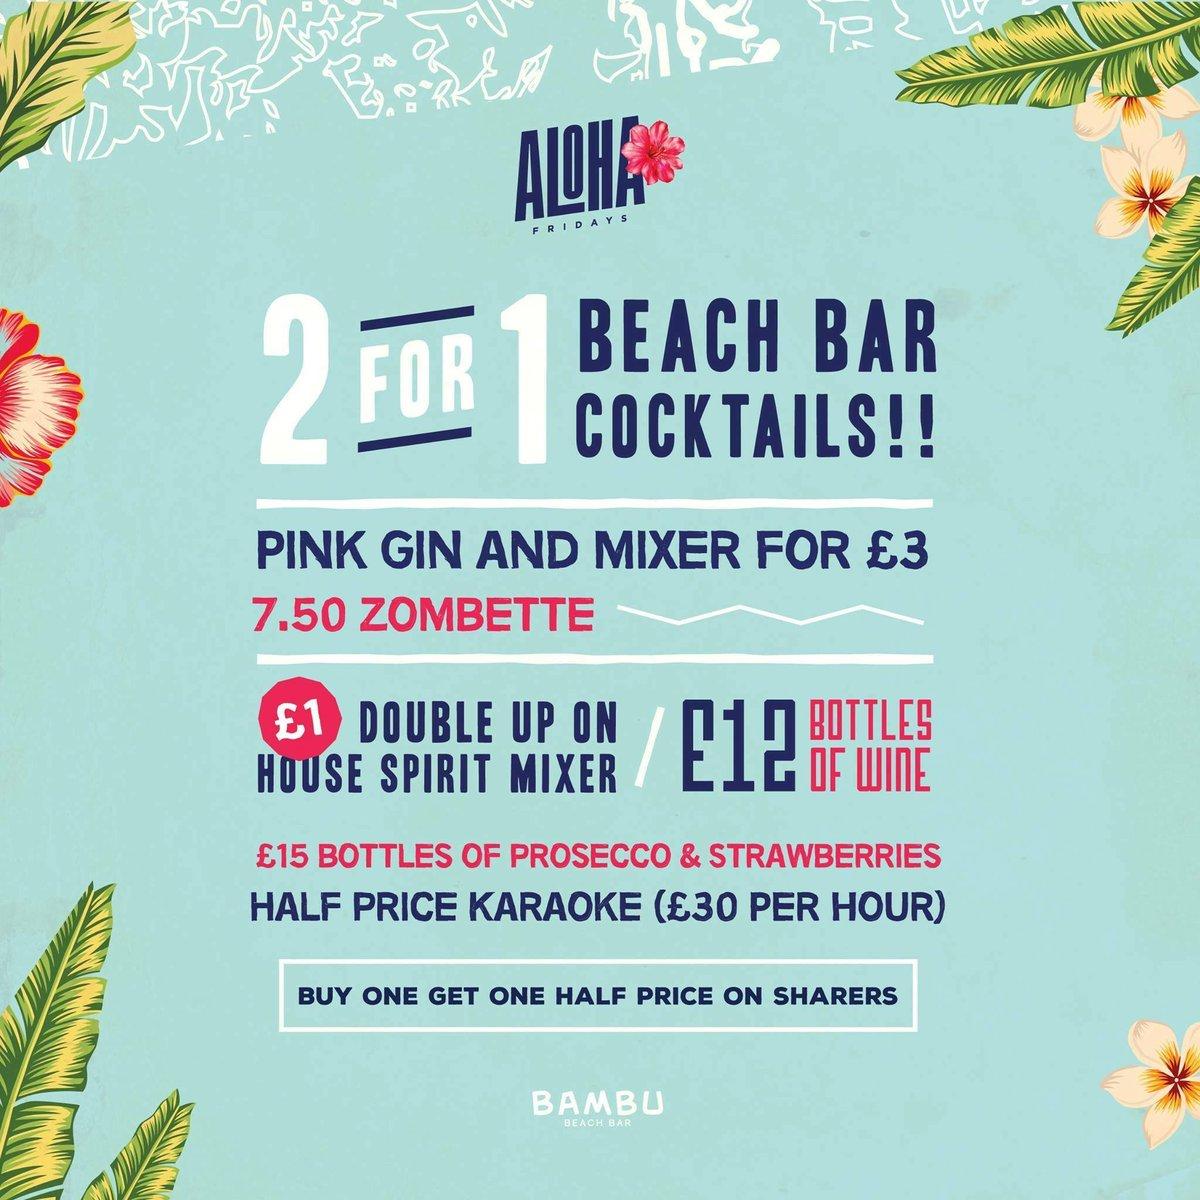 Bambu Beach Bar on Twitter: